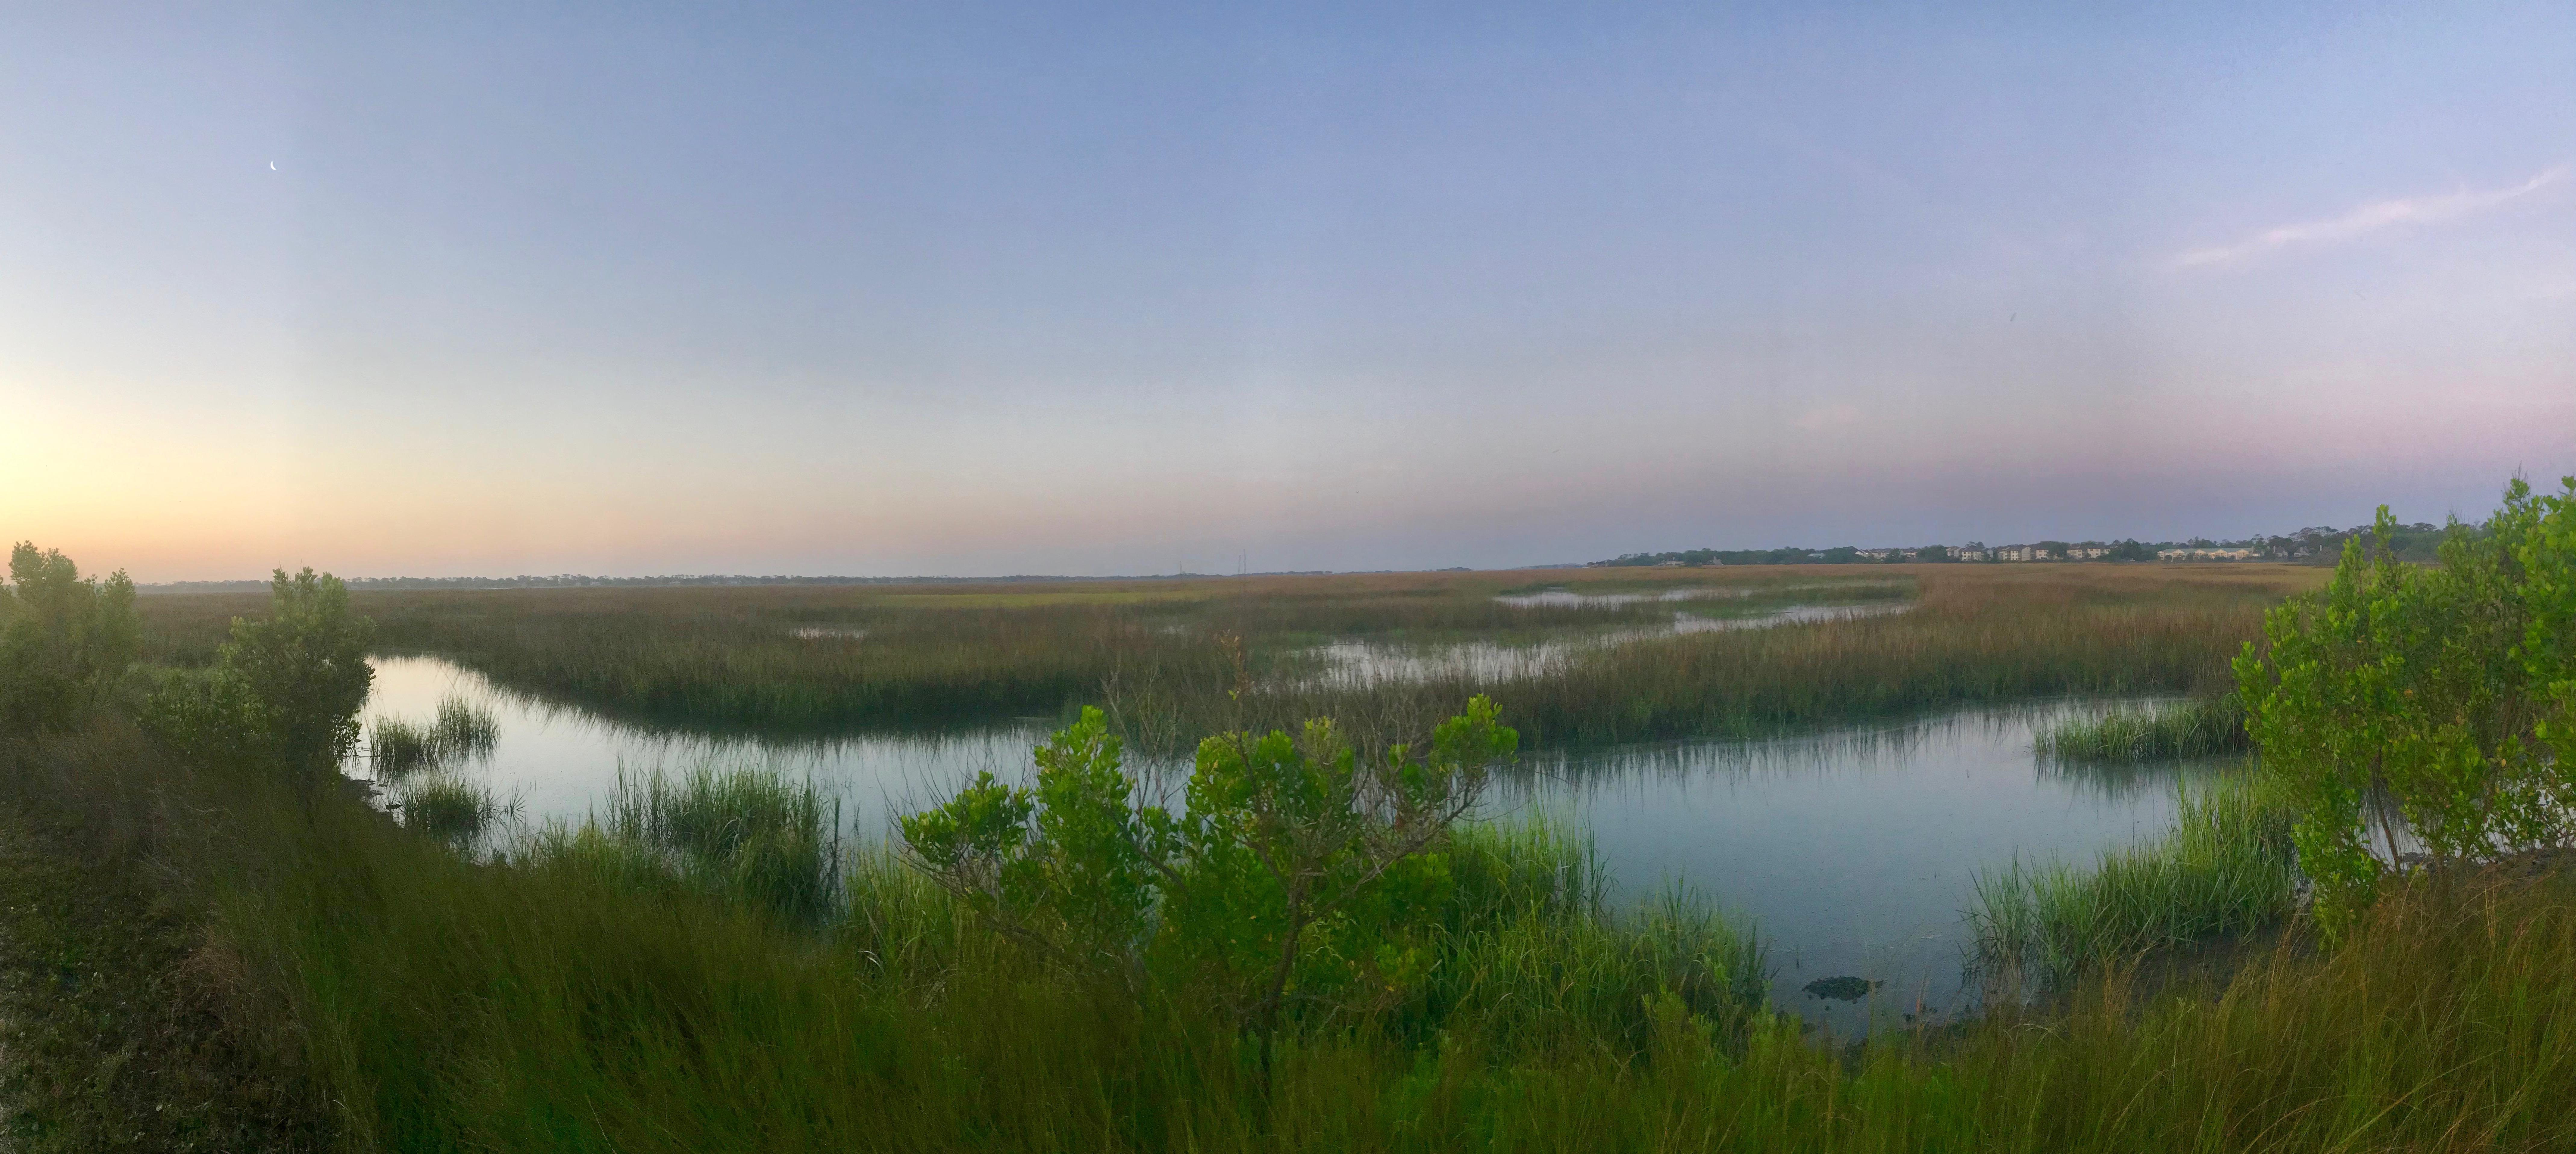 village-creek-landing-ssi